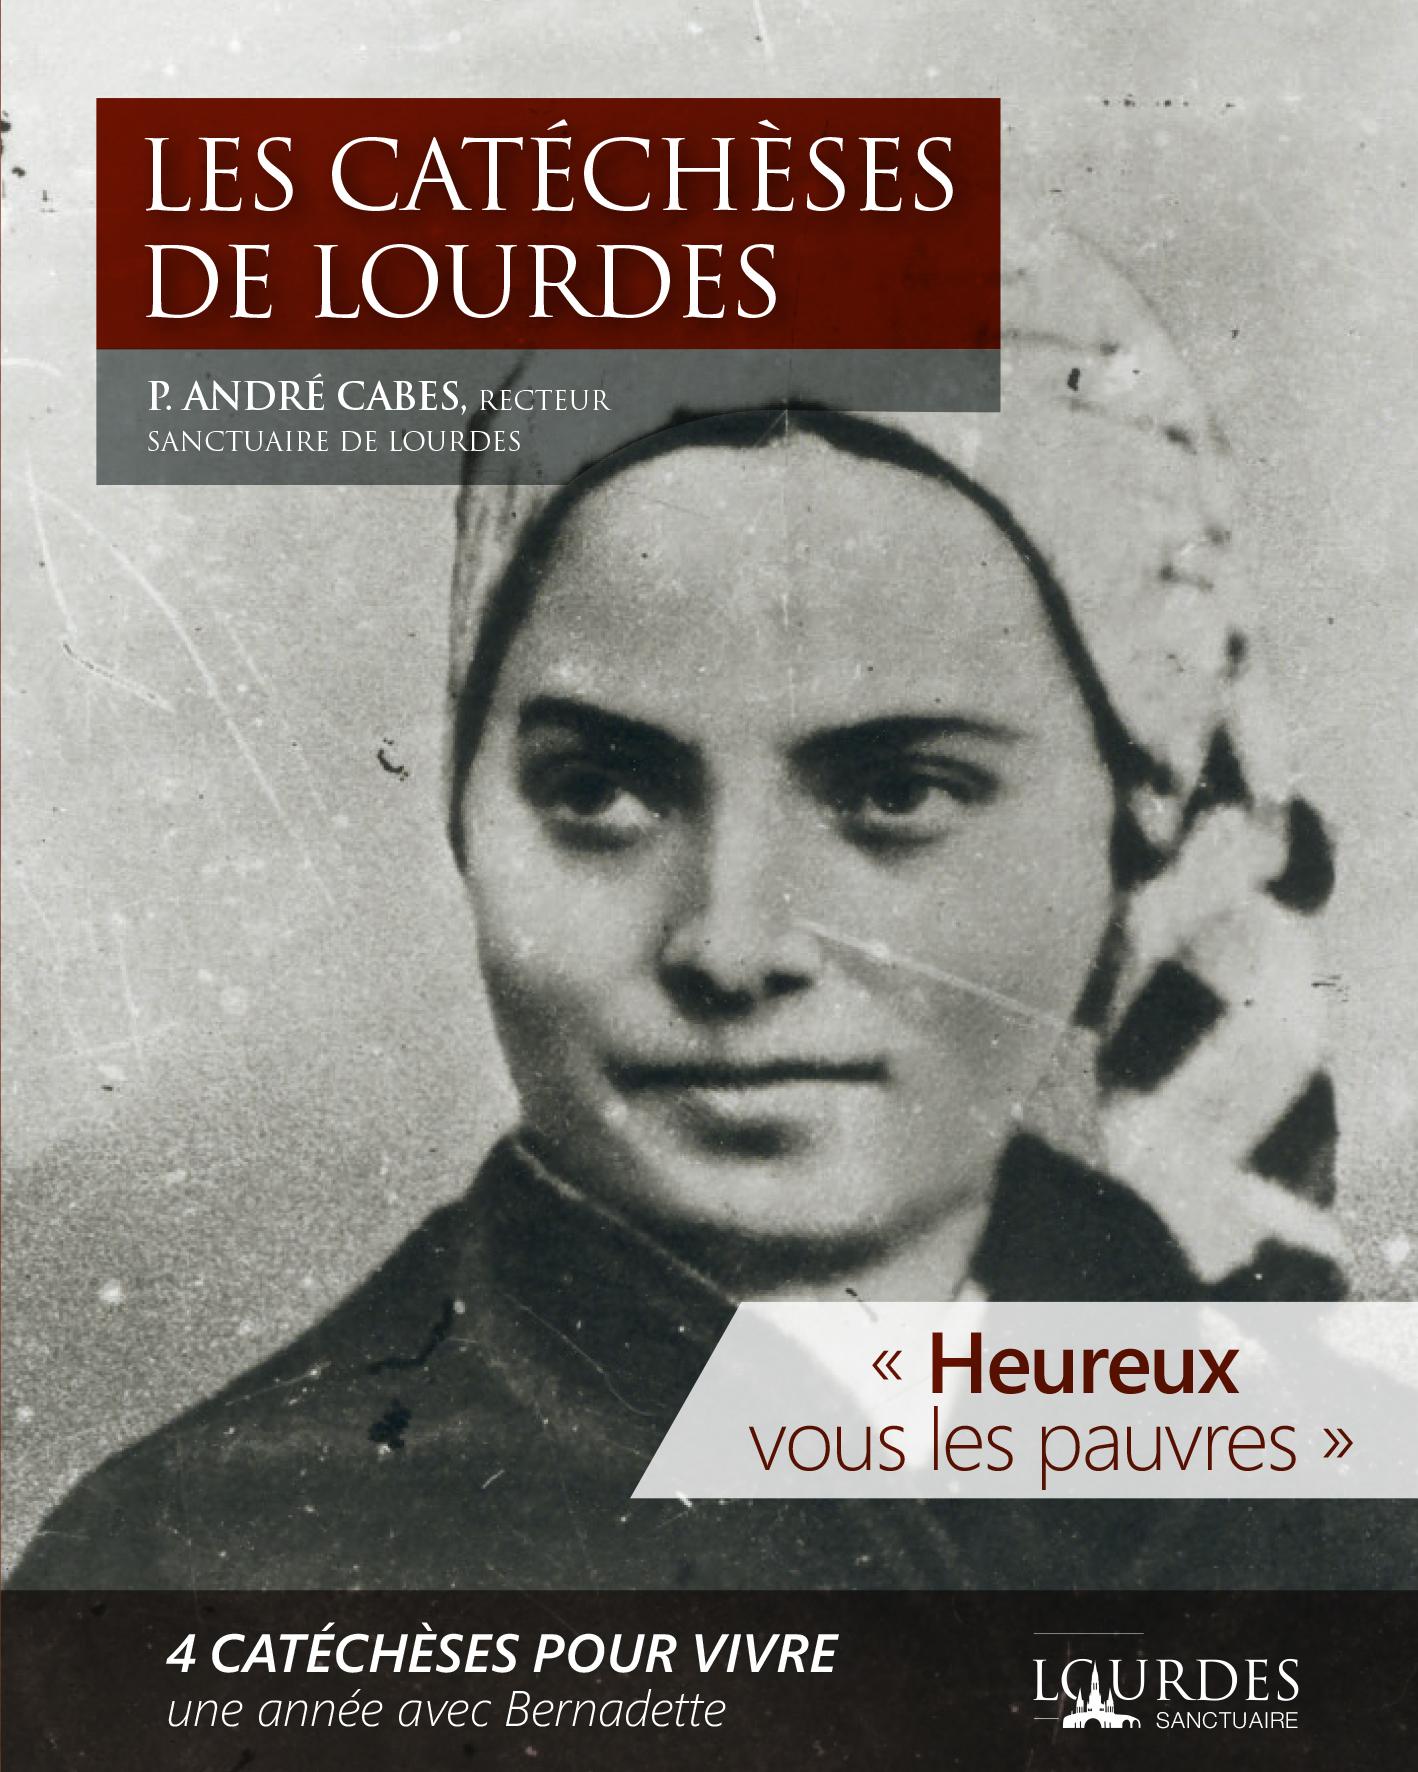 Calendrier Des Pelerinages Lourdes 2019.Preparons Notre Pelerinage A Lourdes